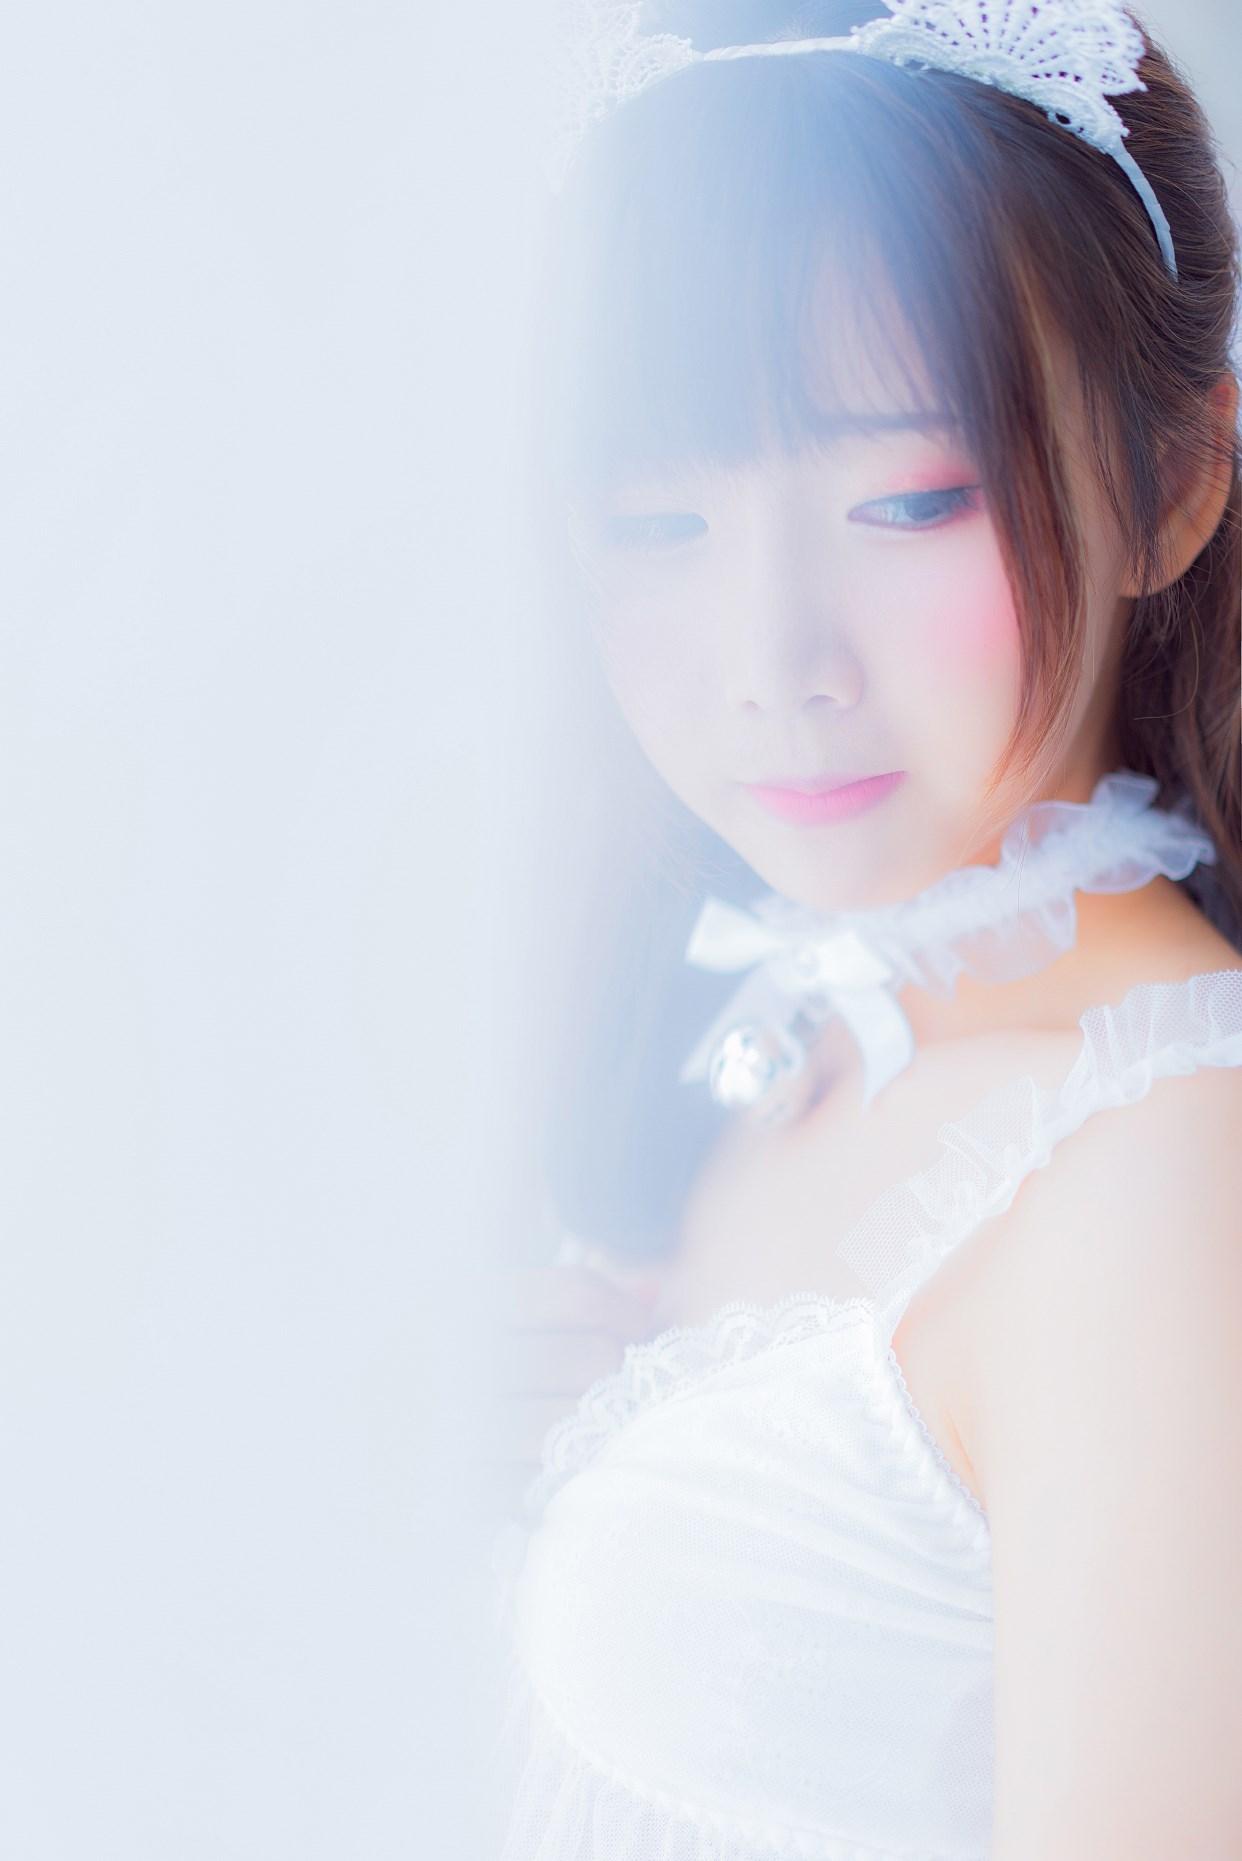 【兔玩映画】vol.12-吊带睡衣 兔玩映画 第24张